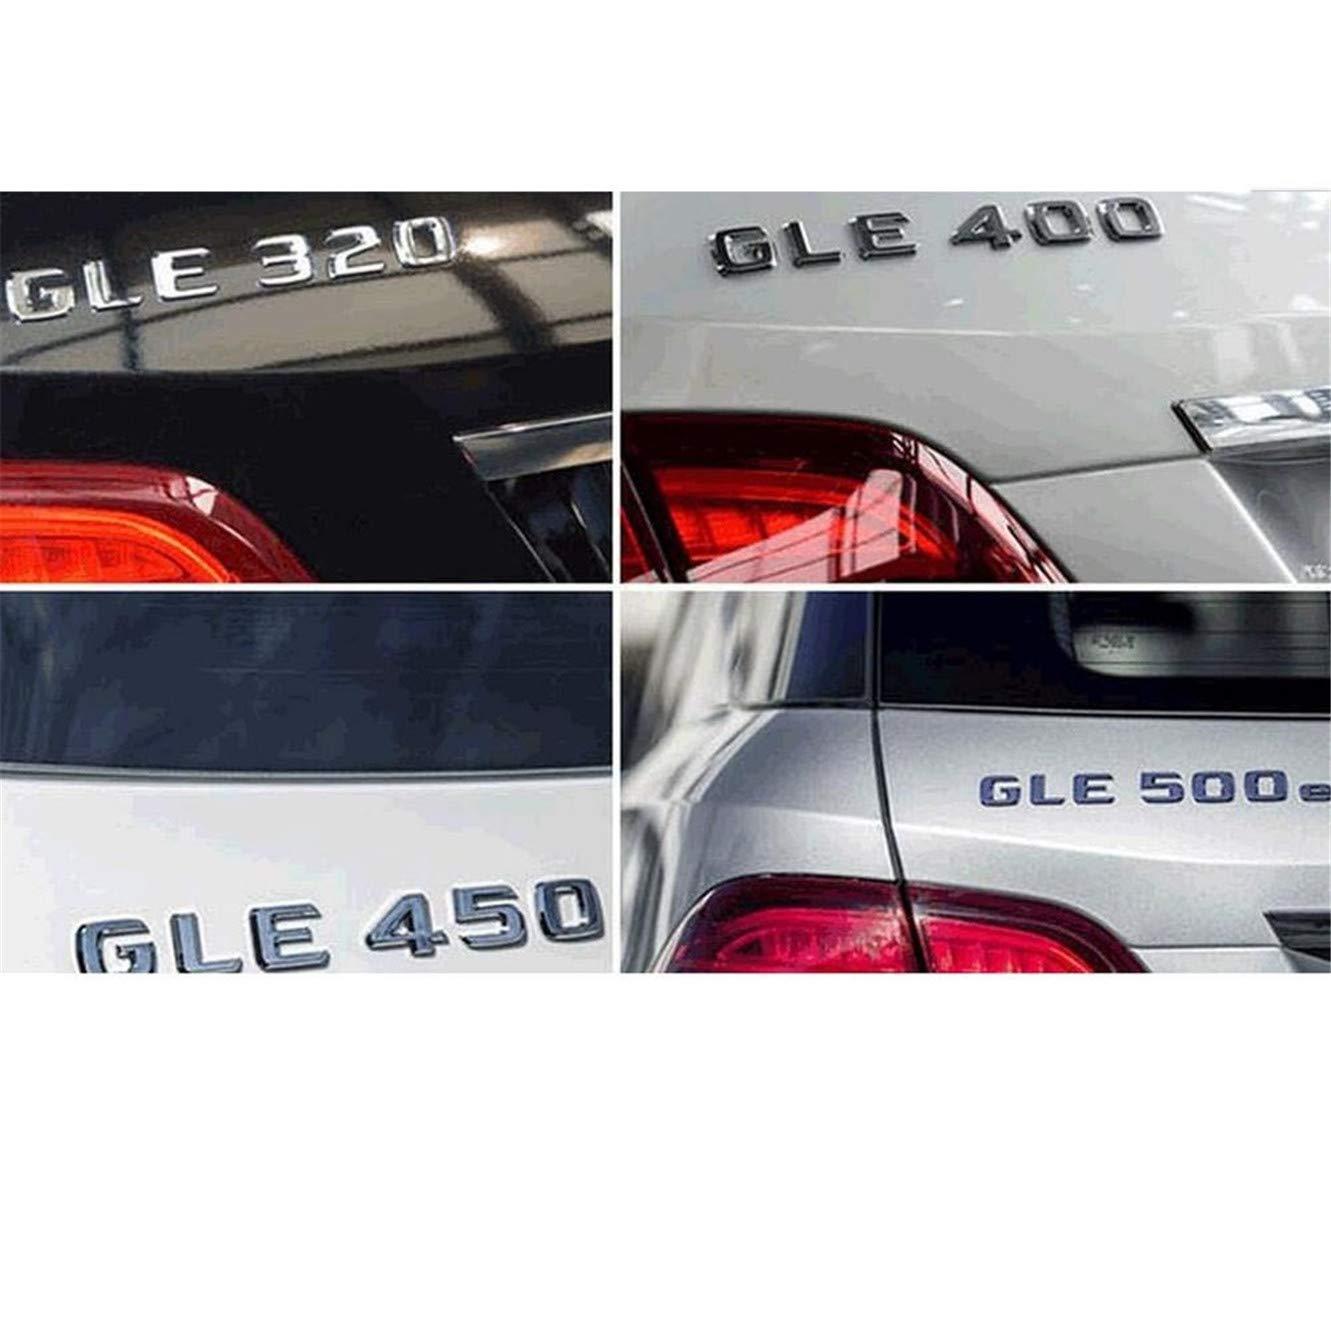 DGF HGF Letras cromadas con n/úmero de emblemas A220d C220d C250d E350d E400d E220d G350d AMG 4matic CDI Bluetec 2017-2019